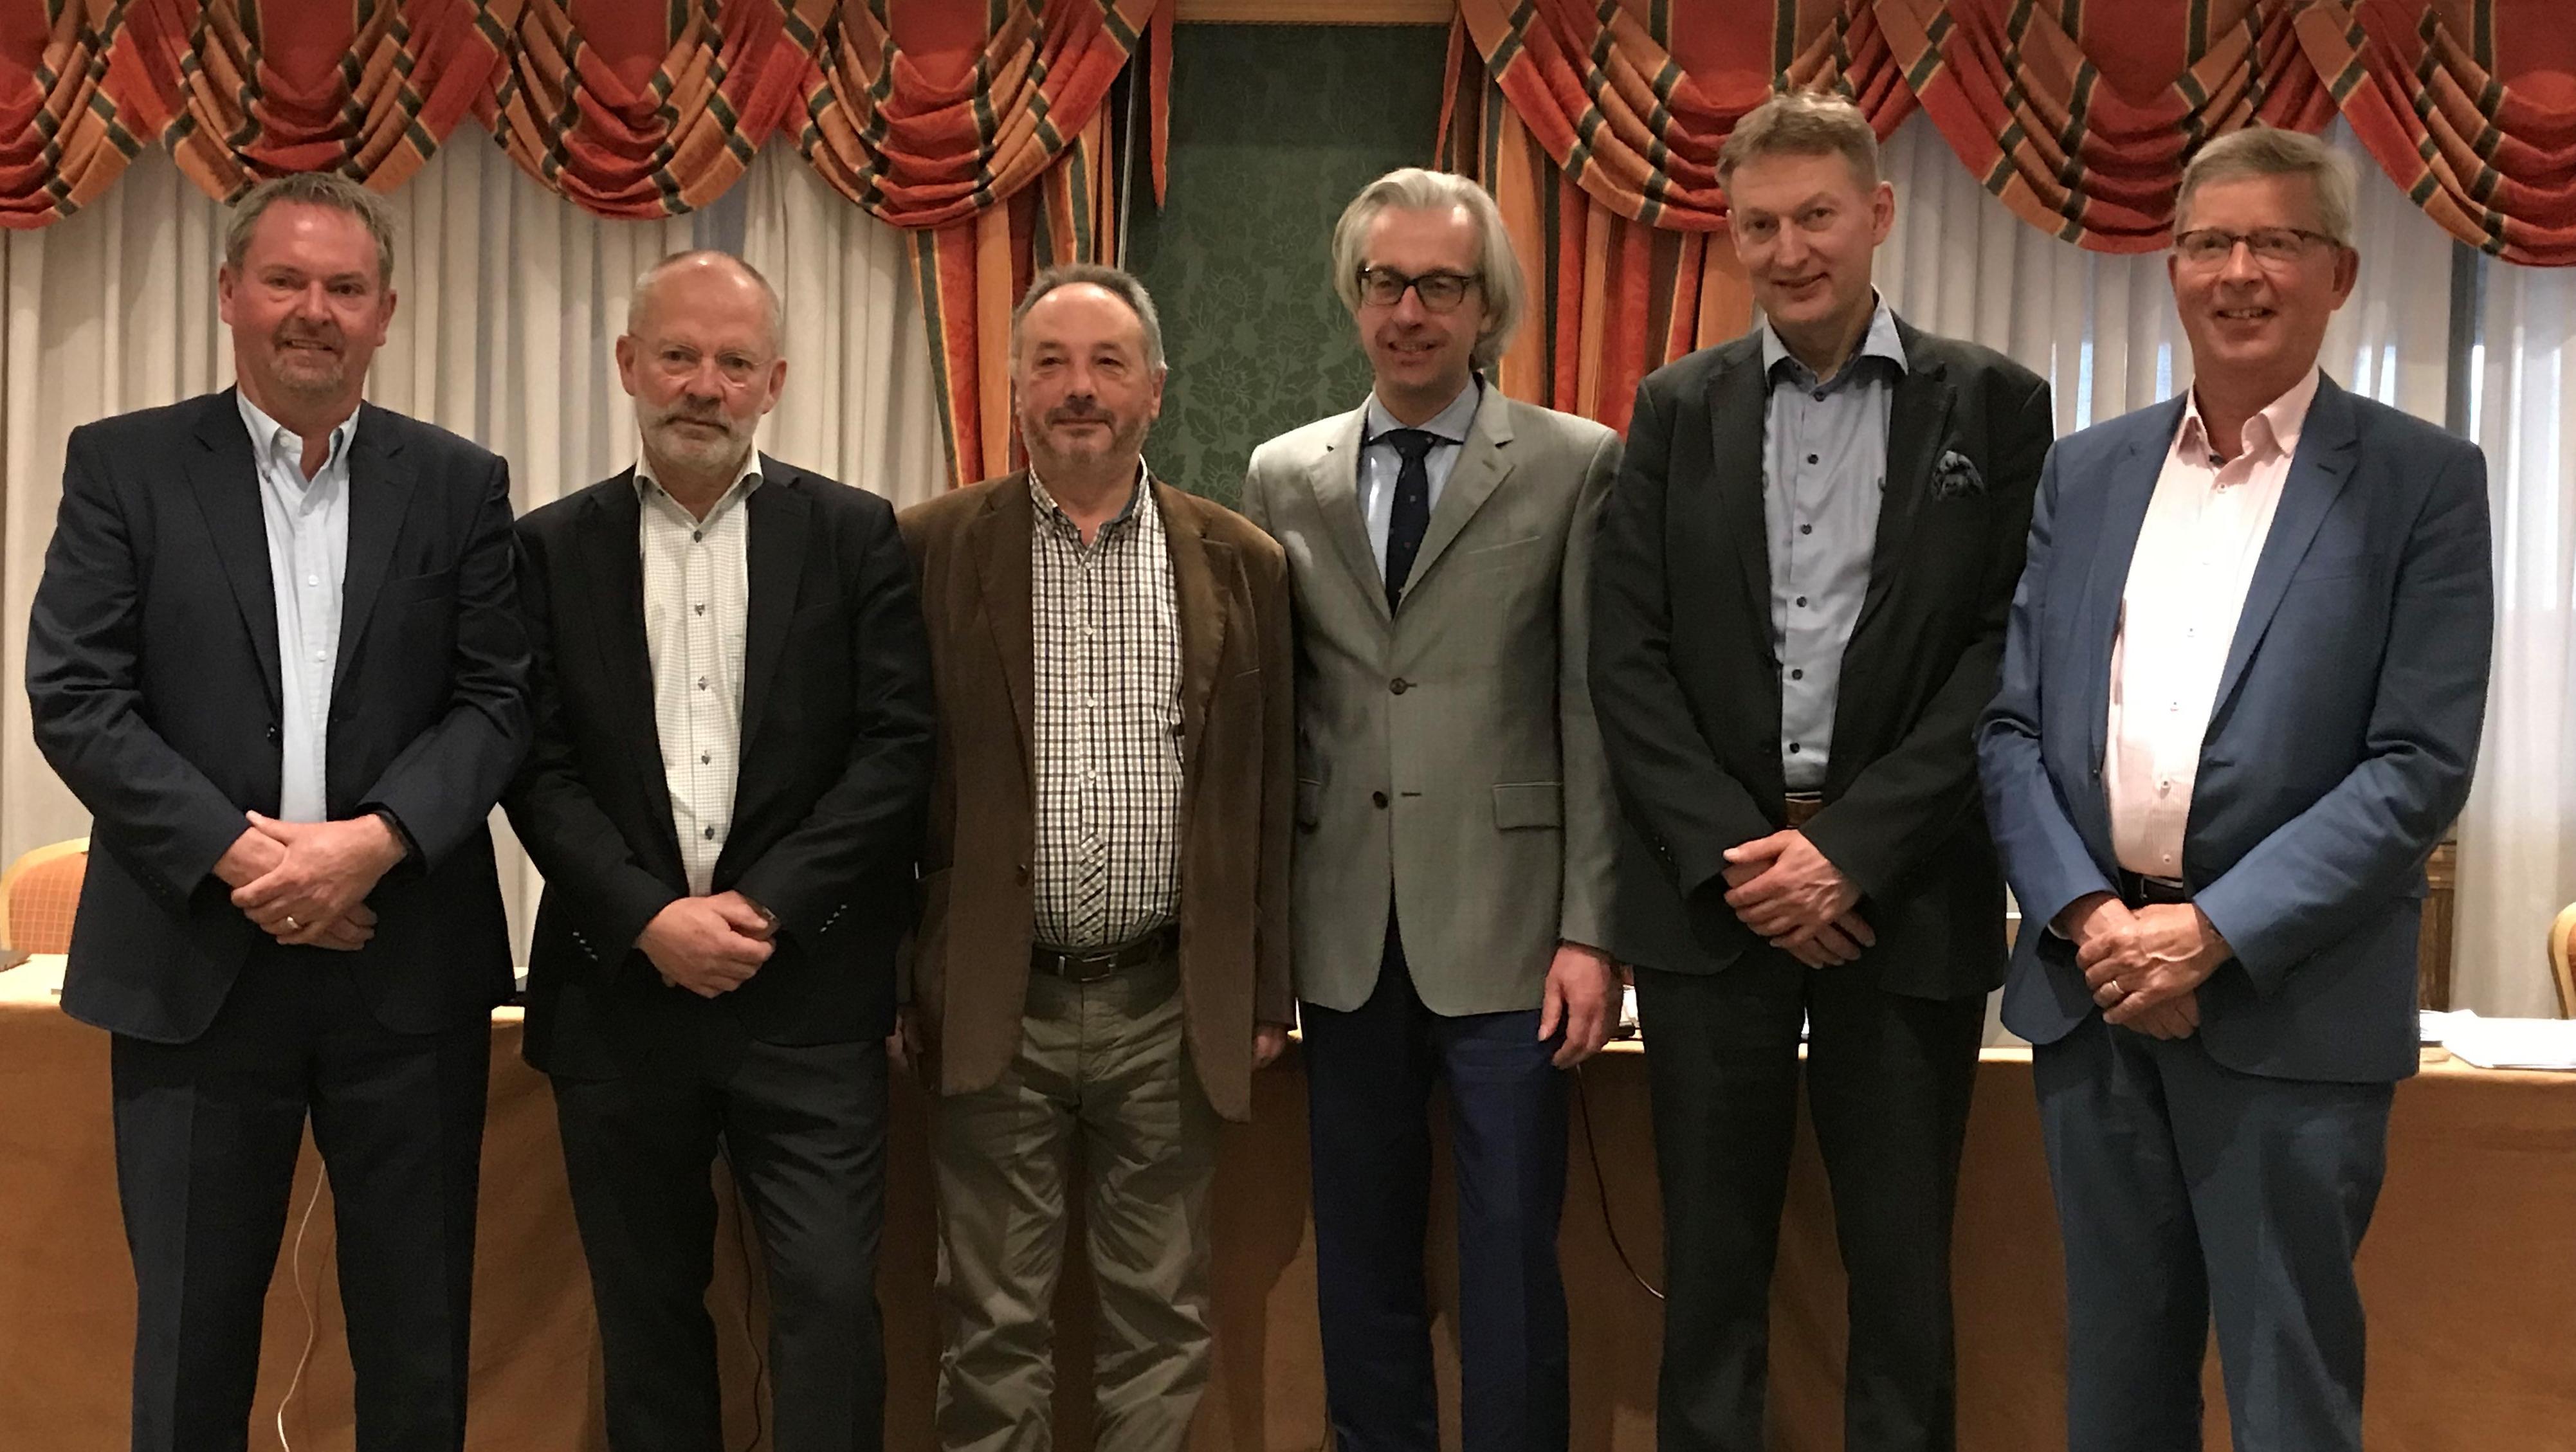 De leden van het directiecomité van ETIM International Eric Piers, Sverker Skoglund, Ryszard D'Antoni, Hans Henning, Magnus Siren en Jan Janse.